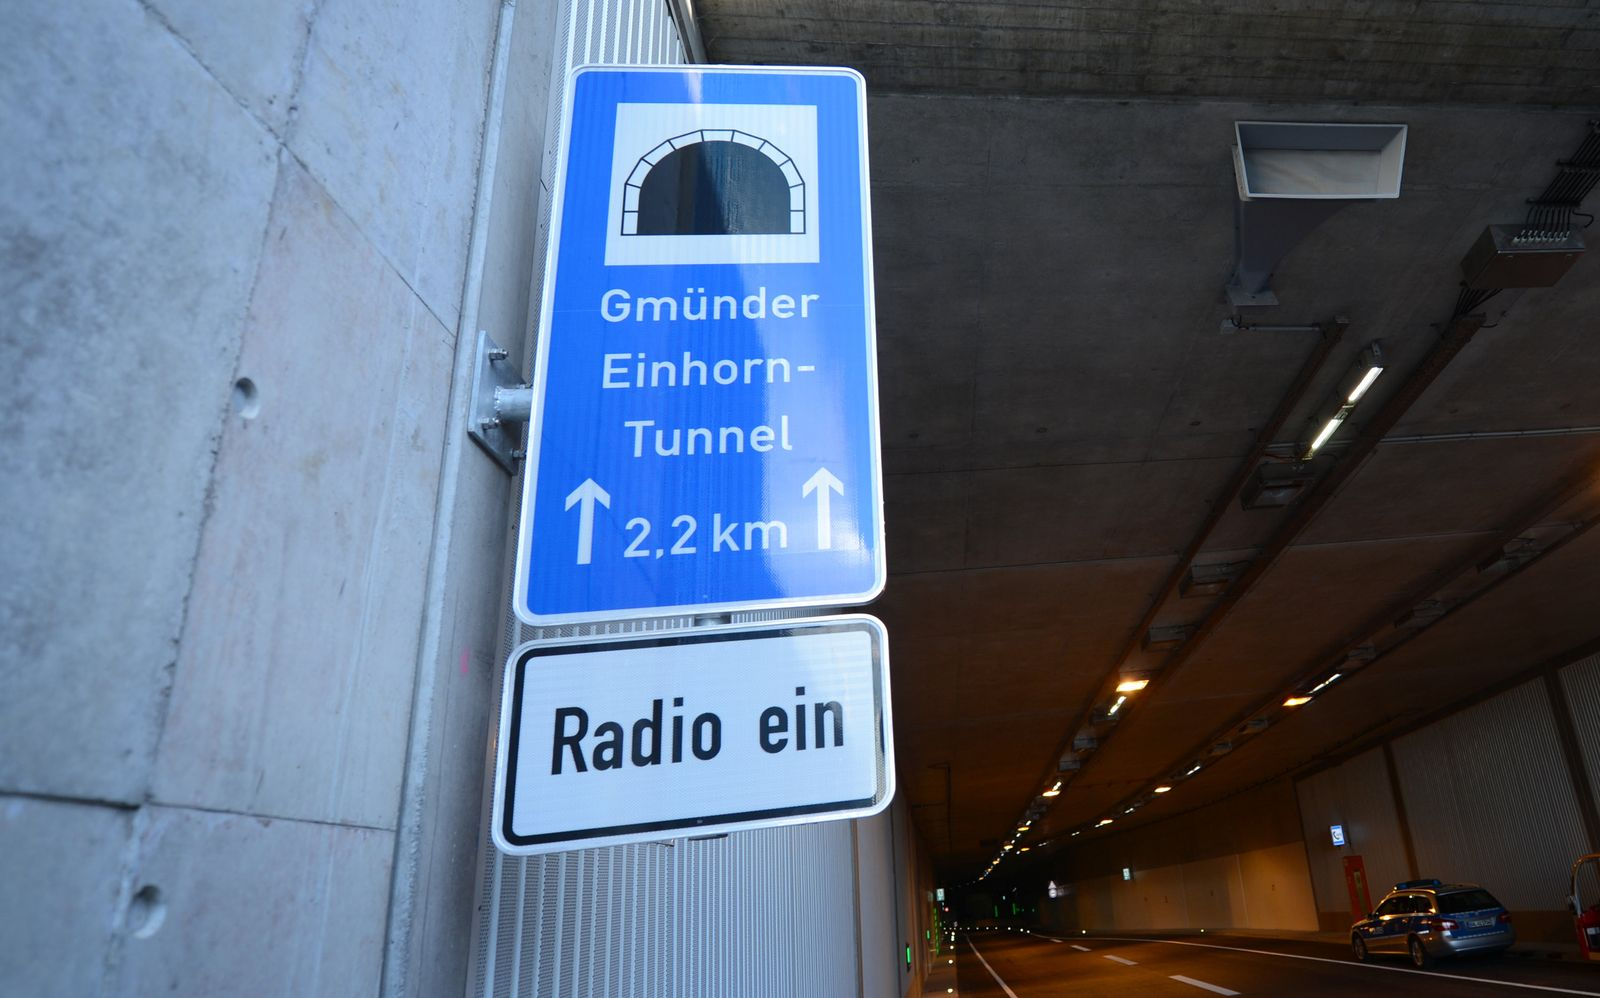 Einhorn-Tunnel/ Schwäbisch Gmünd/ Blitzer